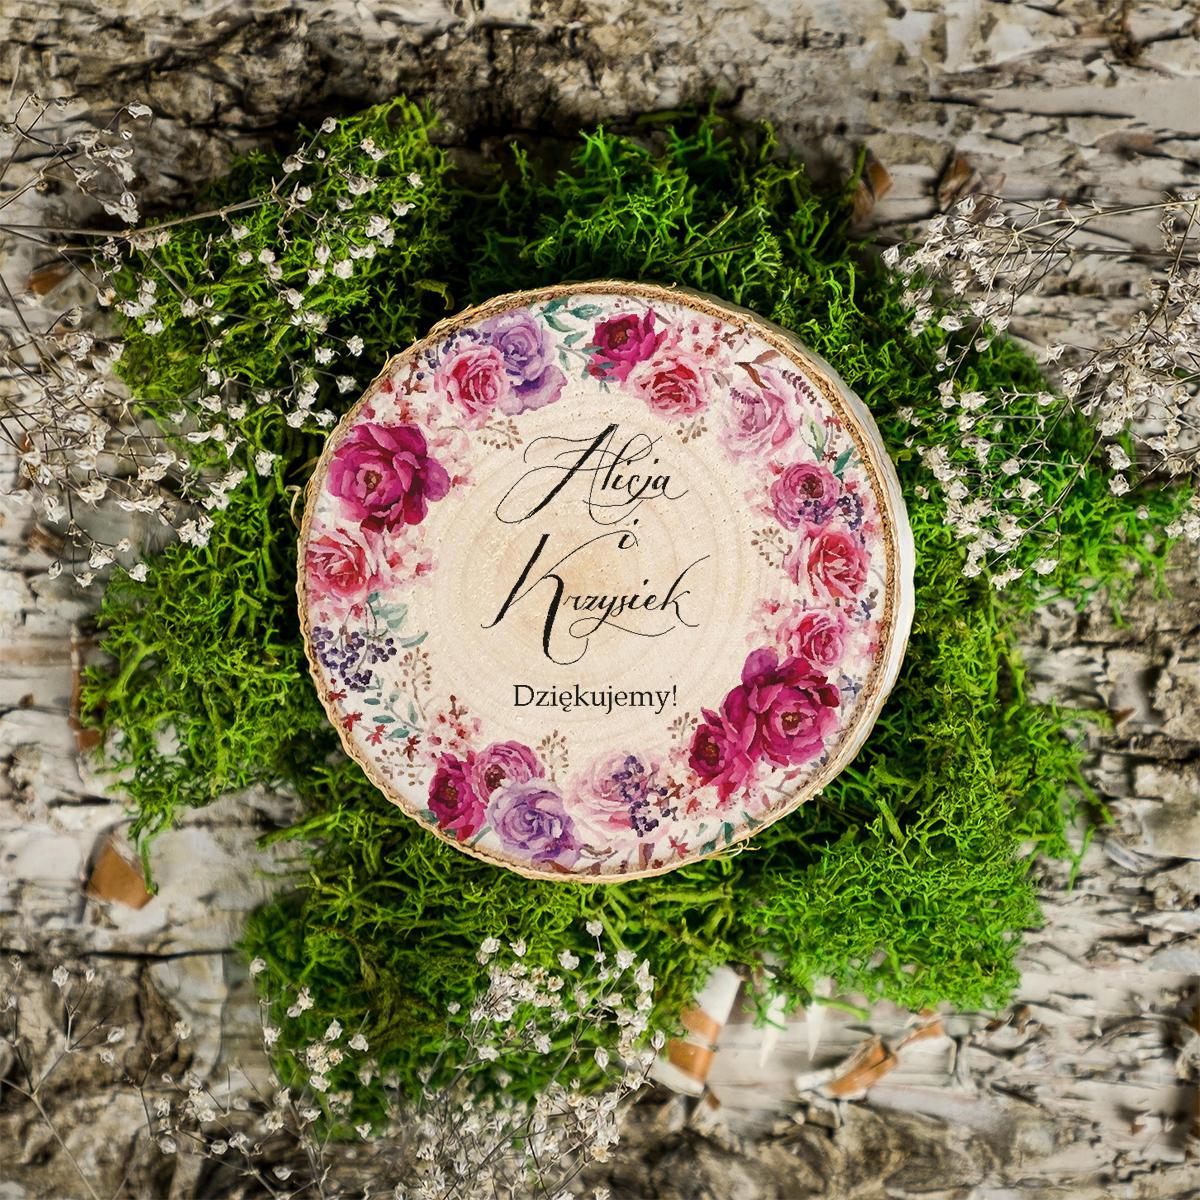 Magnes na plastrze brzozy - Róże i sukulenty